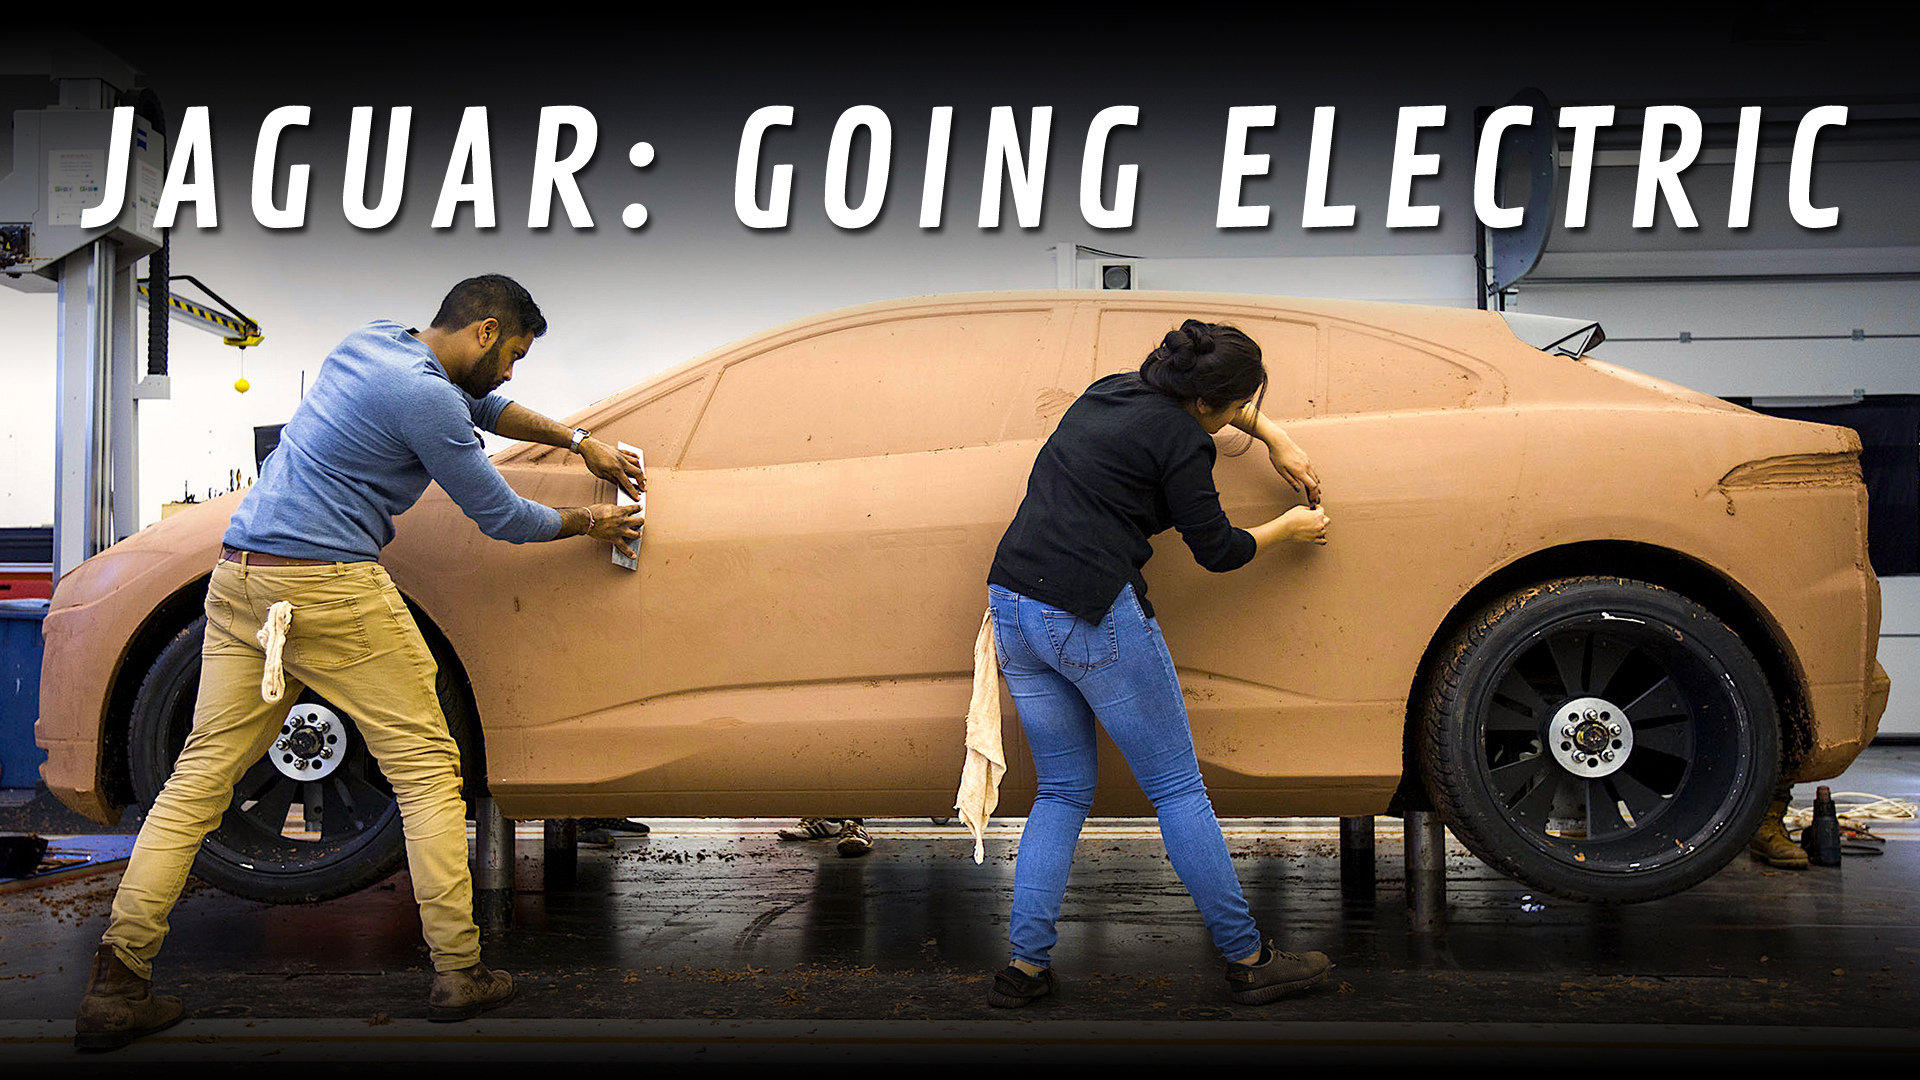 Jaguar: Going Electric